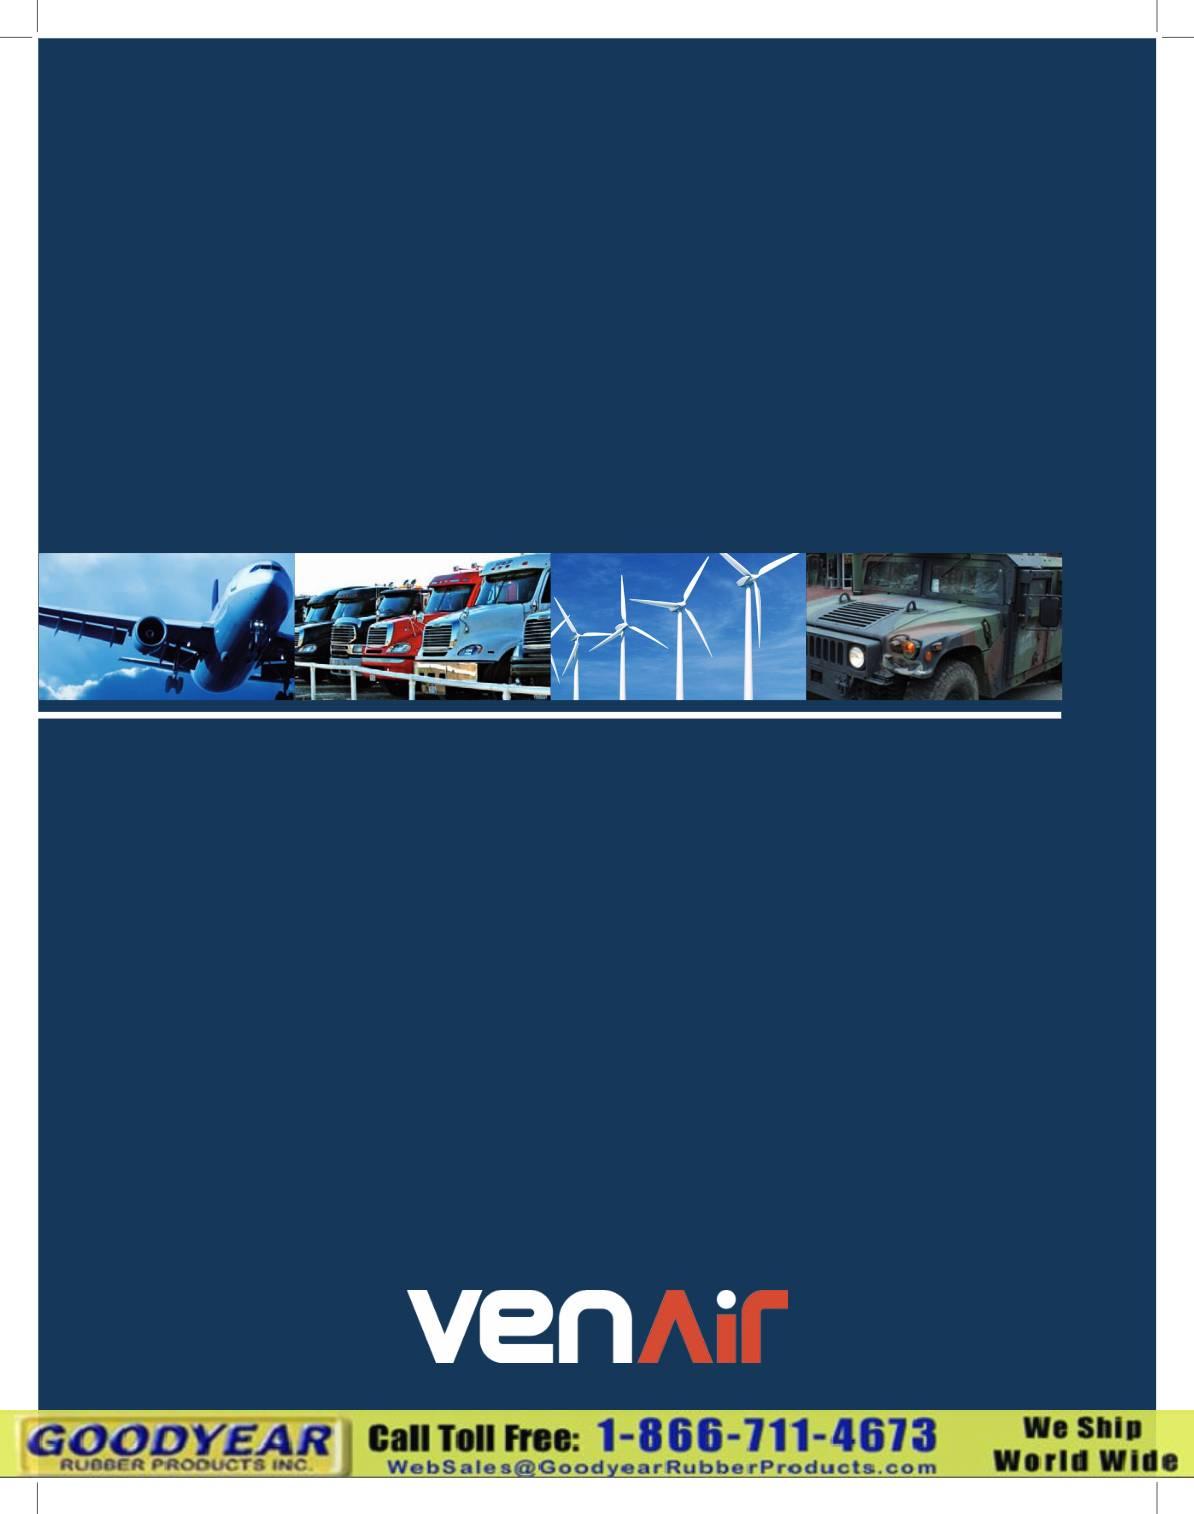 venair industrial